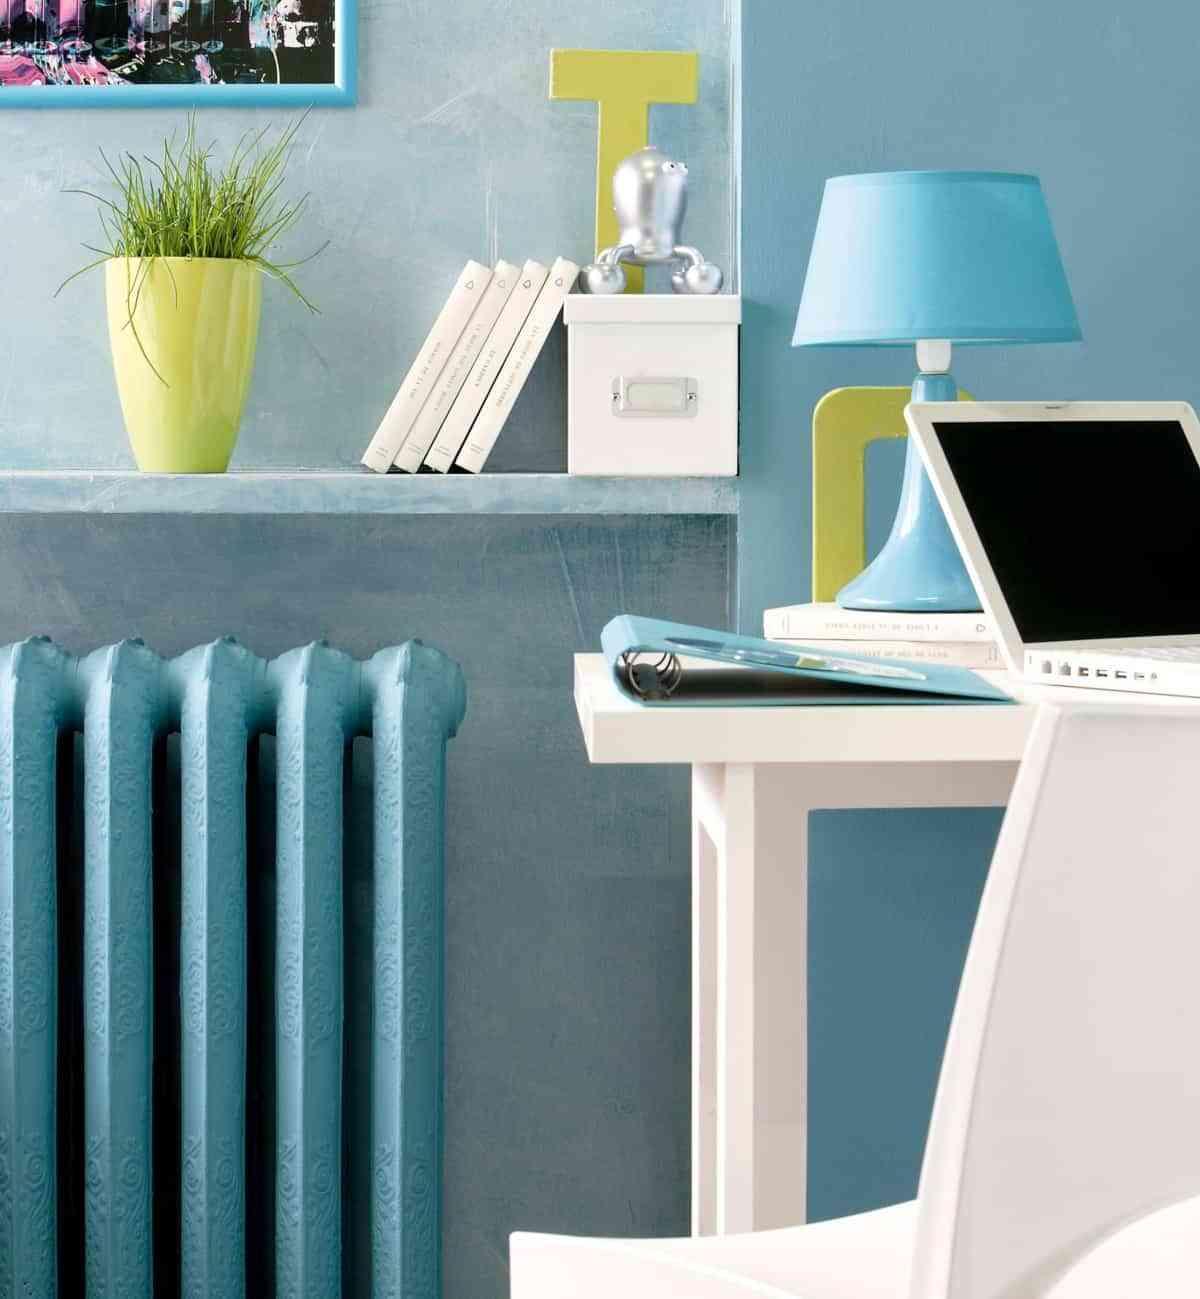 10 ideas para decorar habitaci n con poco dinero for Decorar radiadores